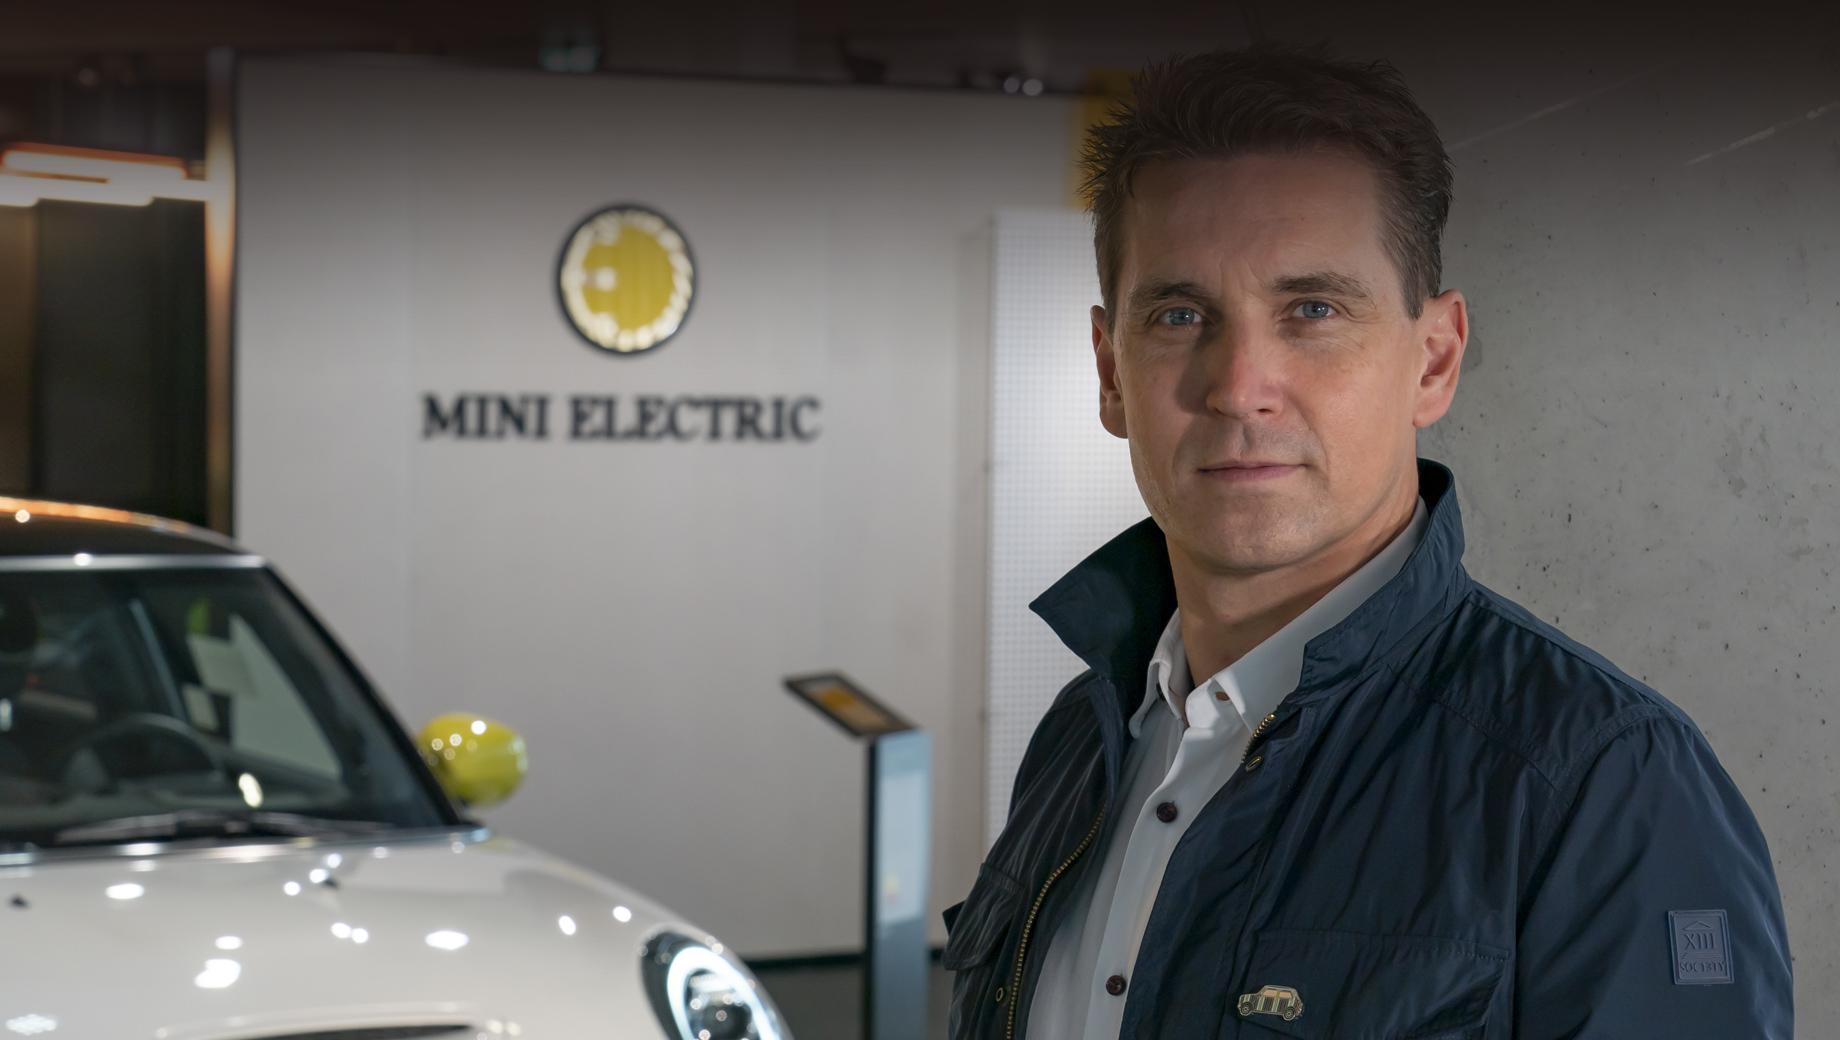 Mini countryman,Mini rocketman,Mini cooper se. «Наряду с электромобильностью критически важным для будущего MINI будет привлечение новых целевых групп и рынков сбыта», — сказал шеф марки. Новые целевые группы равны новым моделям? Похоже, да.